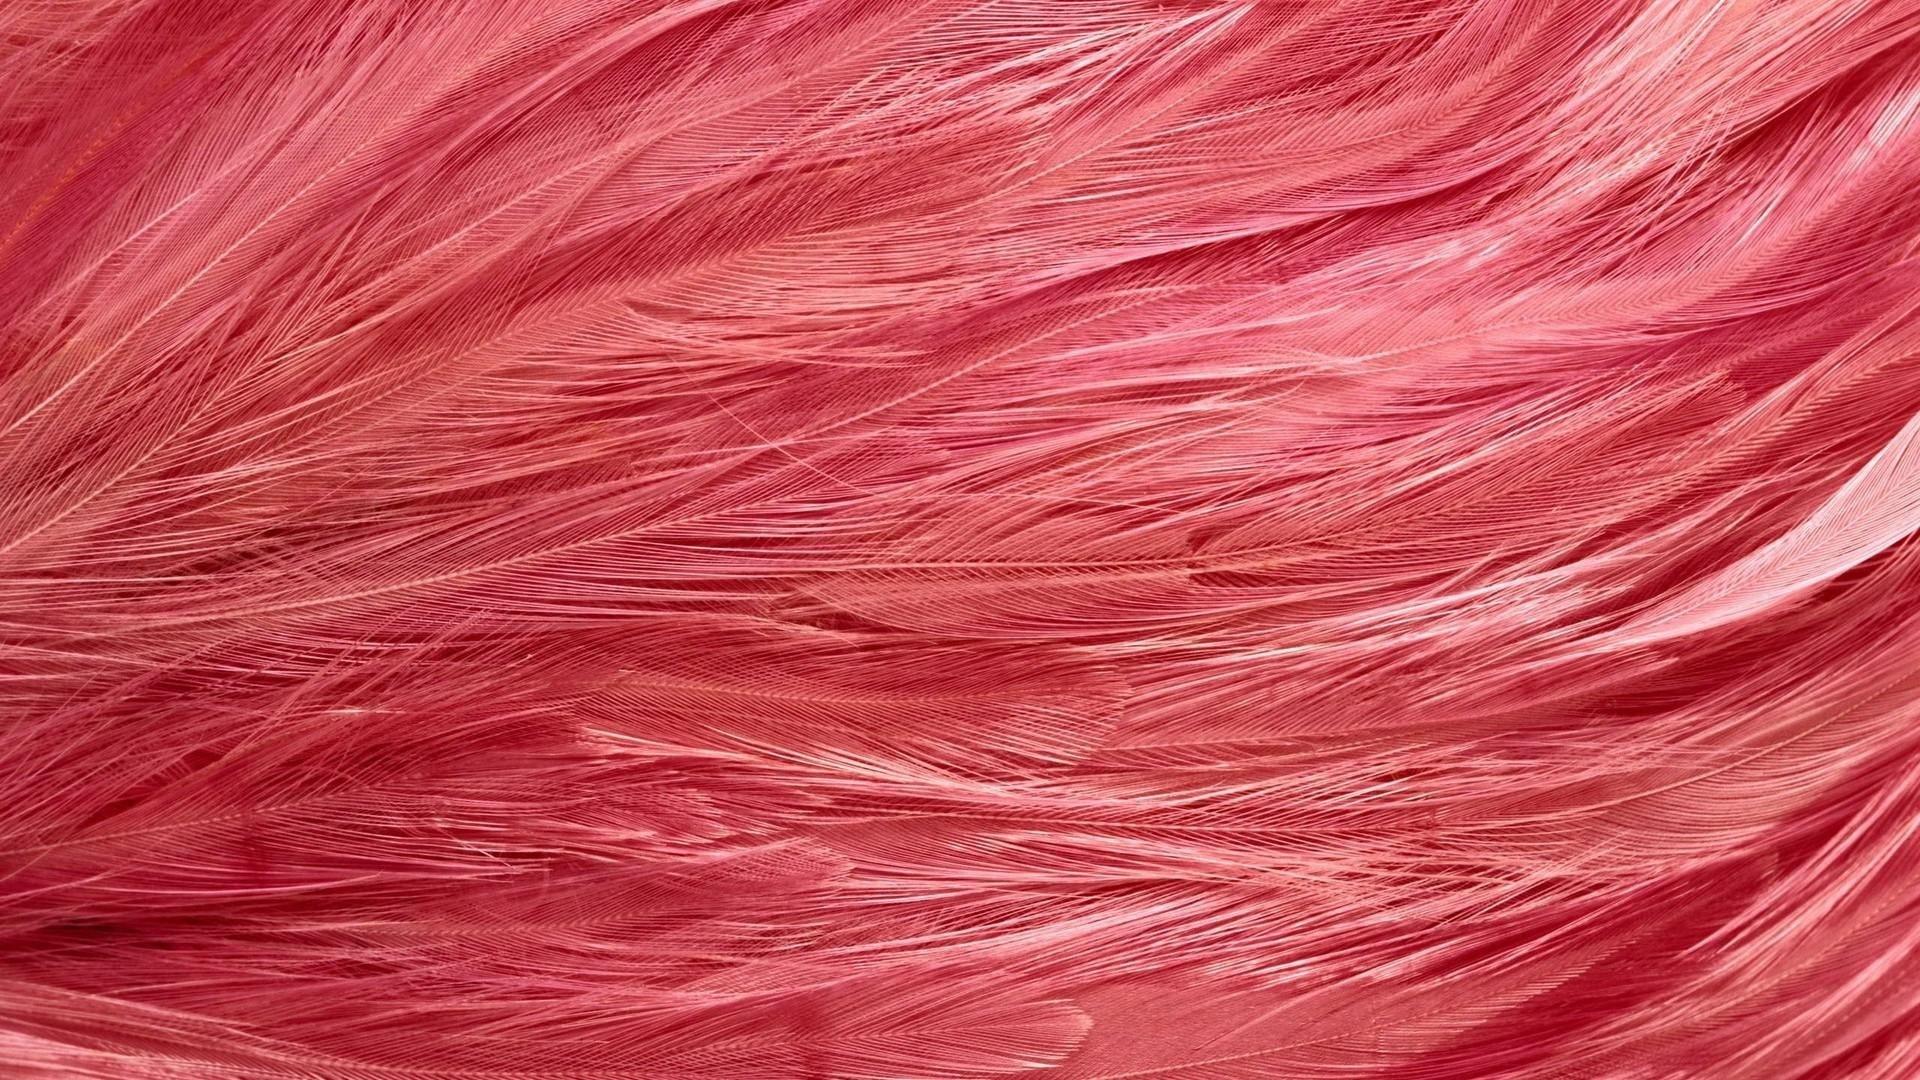 Feathers desktop wallpaper hd